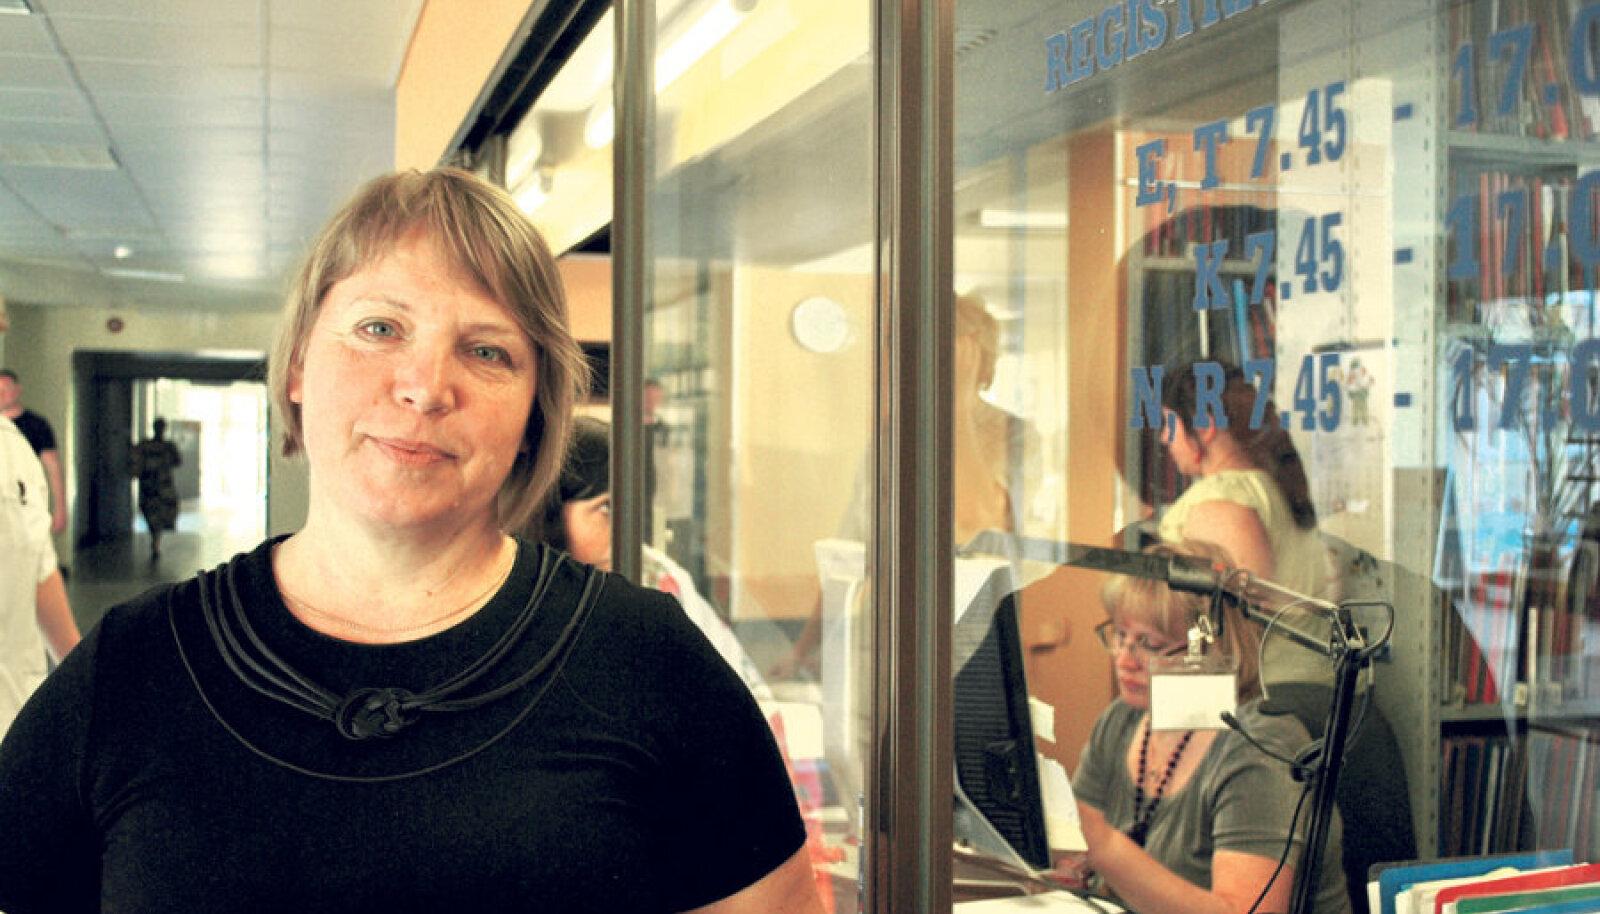 Lõuna-Eesti haigla ravijuht  Agnes Aart võib kinnitada,  et nende haiglas toimitakse, nagu määrus nõuab – kui haige helistab, pannakse ta järjekorda, seda ka siis, kui konkreetset aega öelda ei osata.